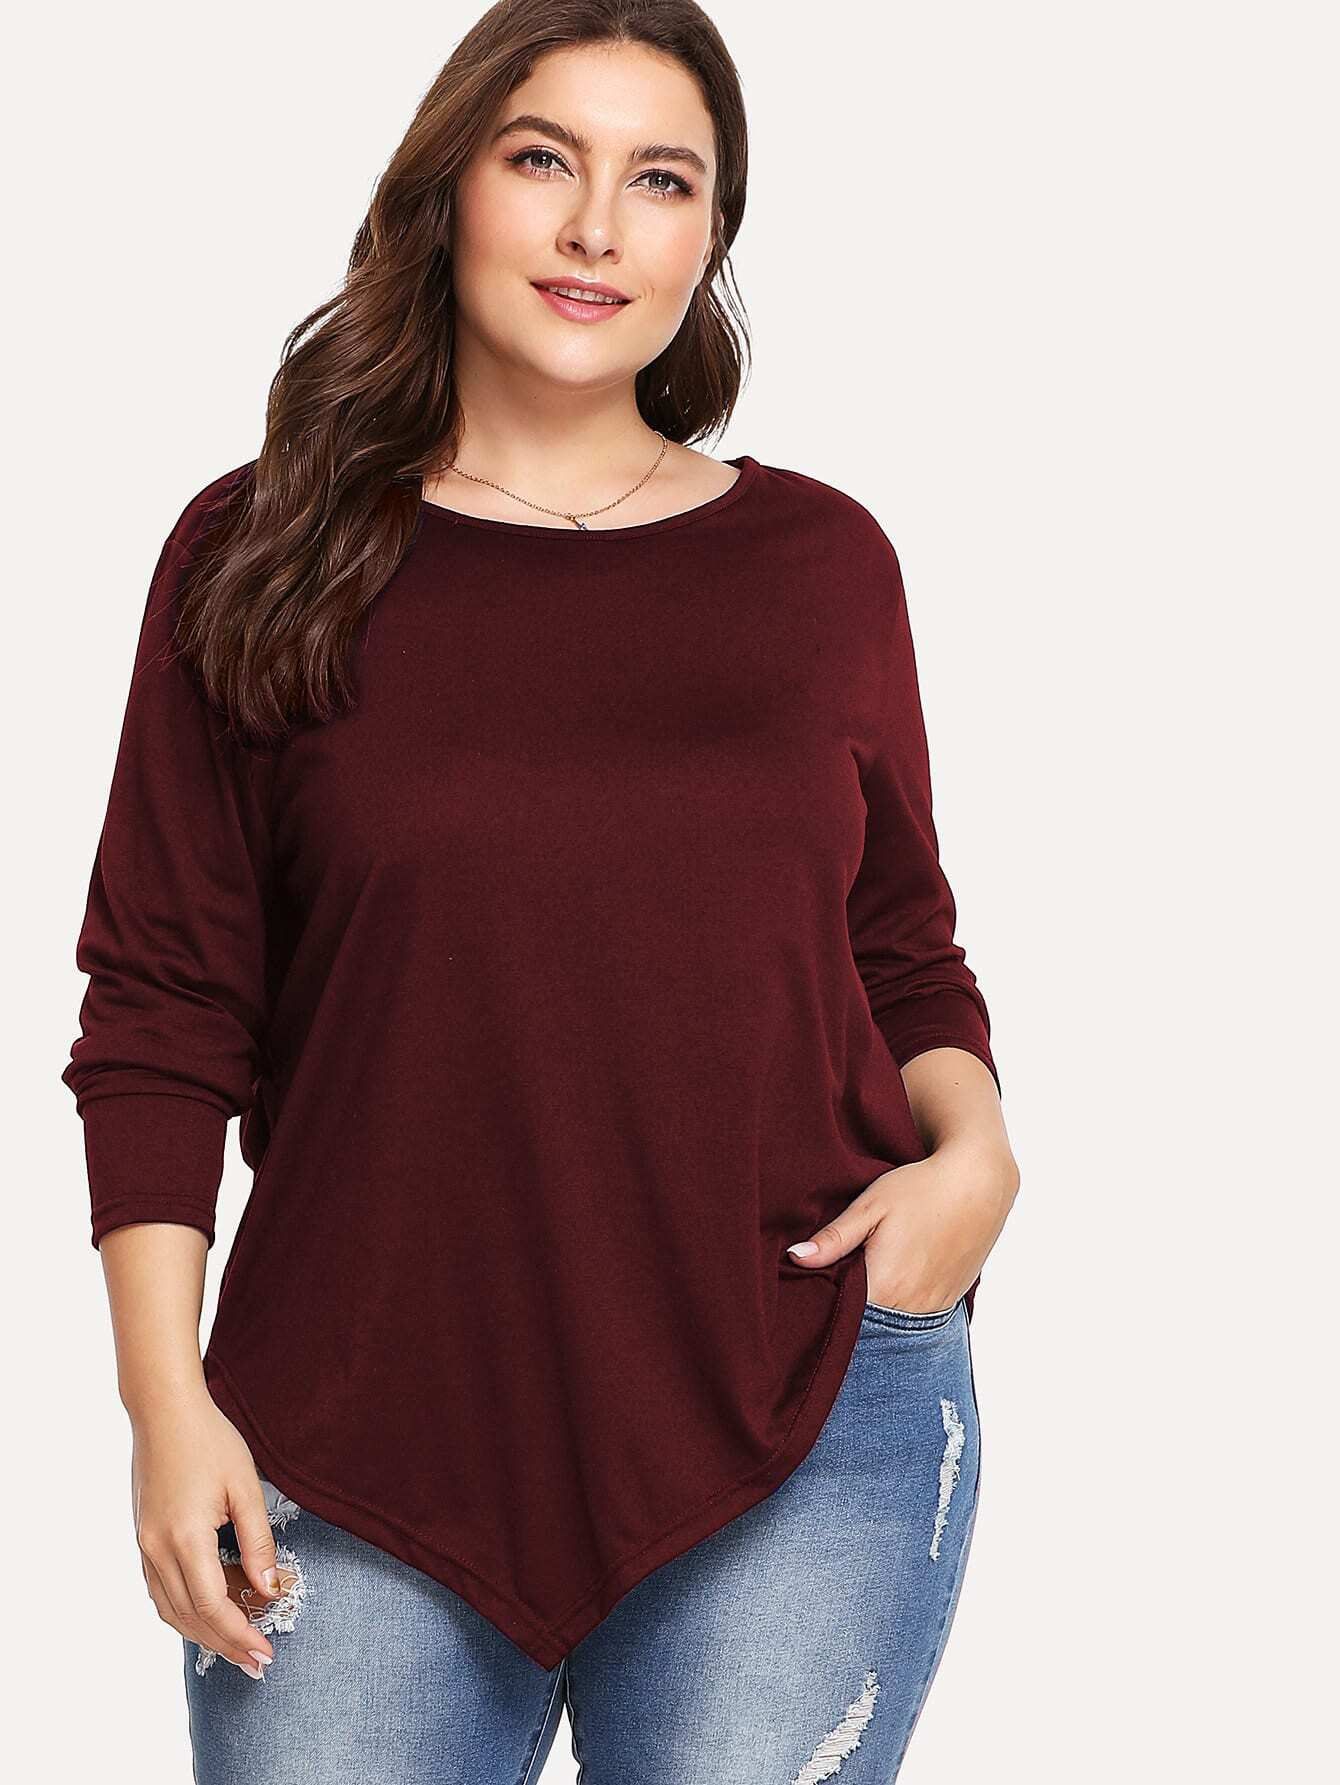 Купить Однотонная футболка с асимметричным низом размера плюс, Franziska, SheIn